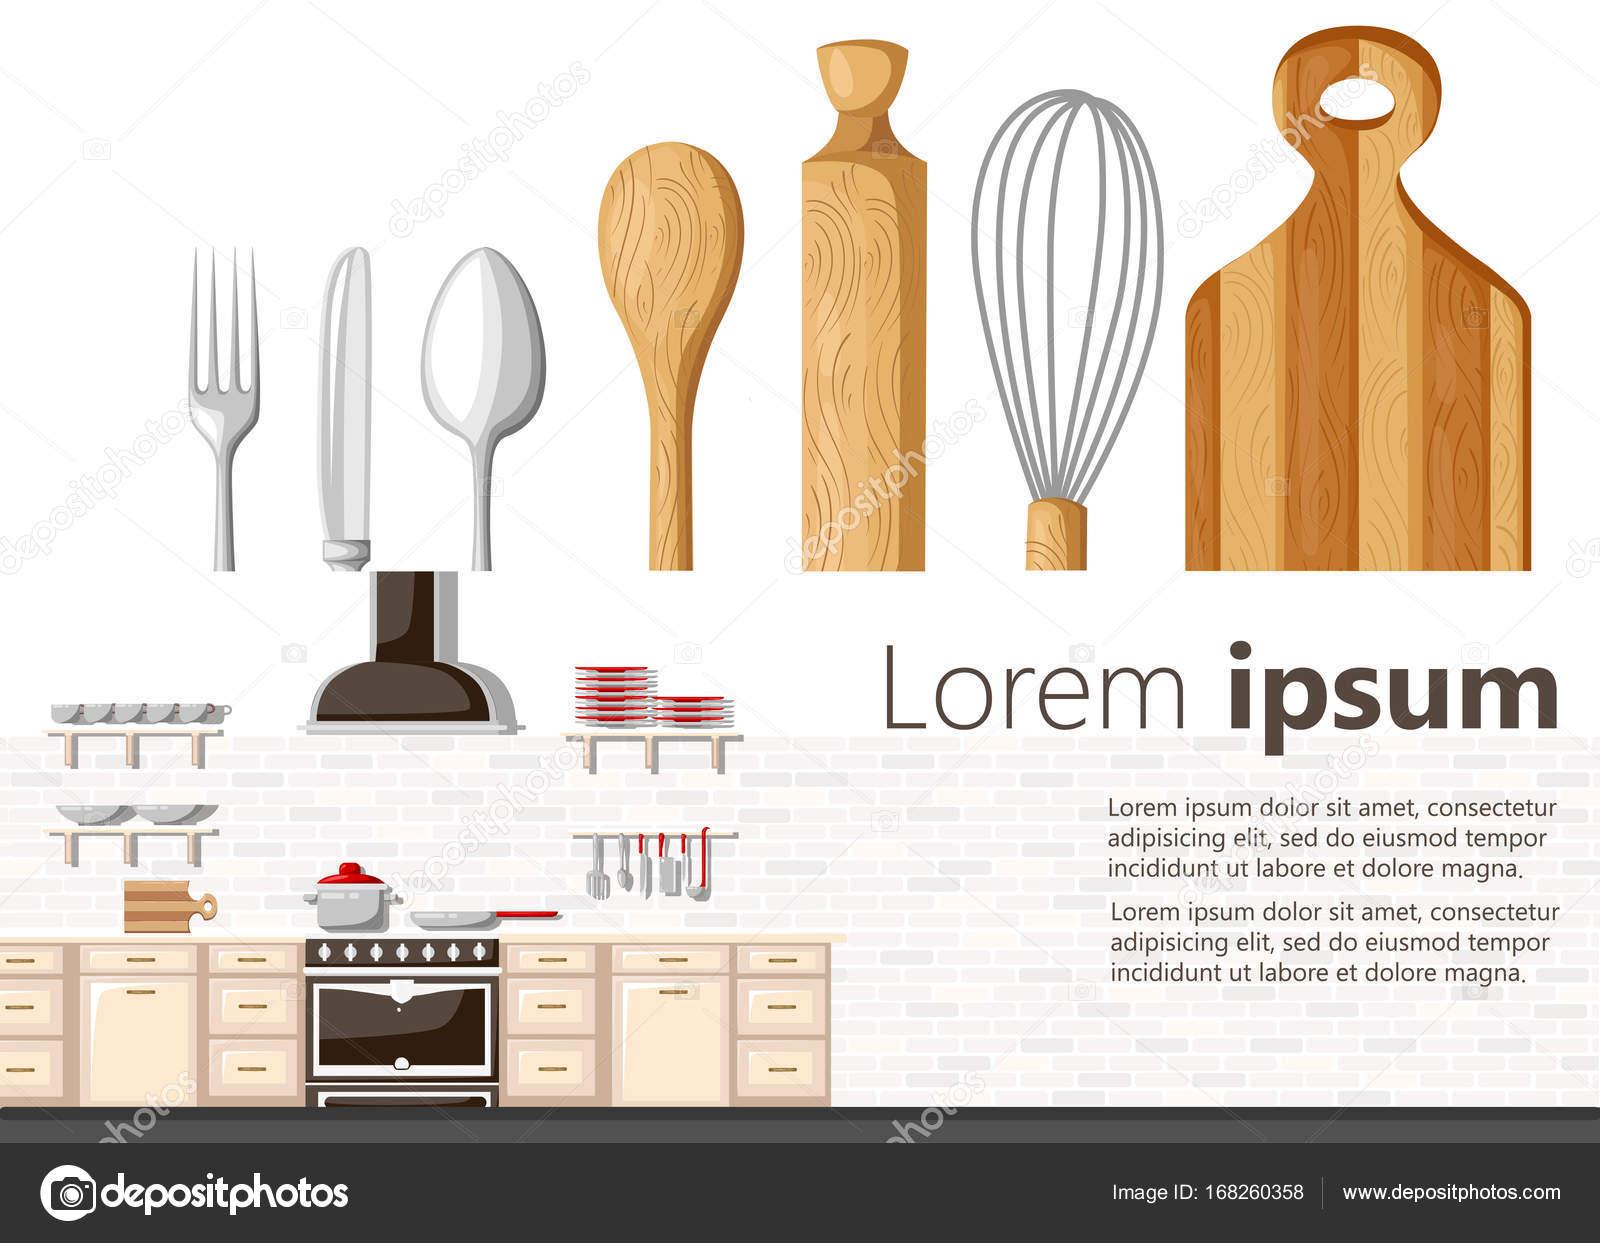 Flache Bauform Küchenkonzept Küche Ausstattung Hintergrund Vektor ...